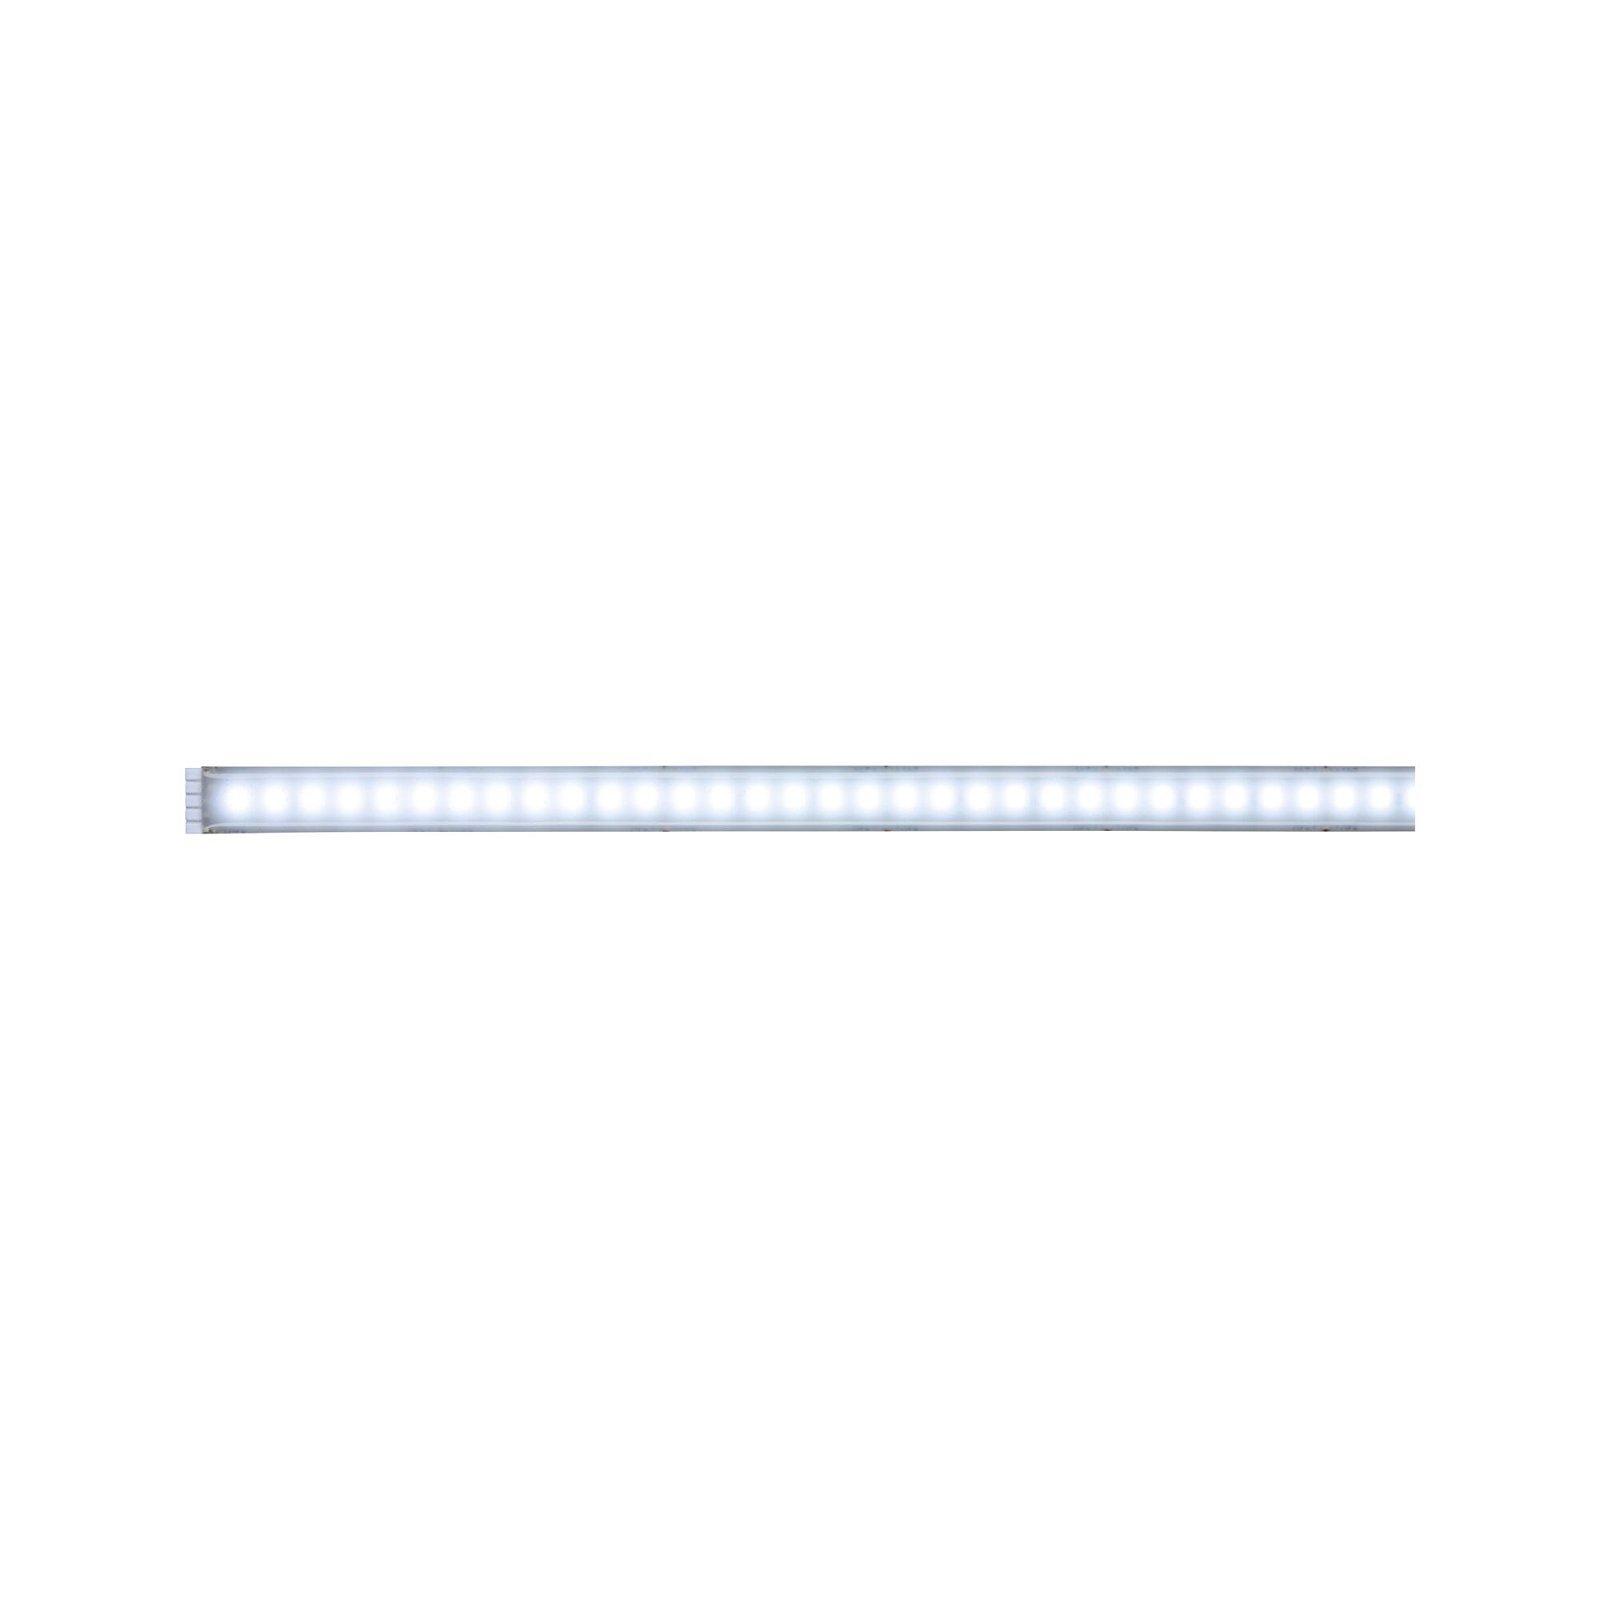 MaxLED 1000 LED Strip Tageslichtweiß 1m beschichtet 12W 1100lm 6500K